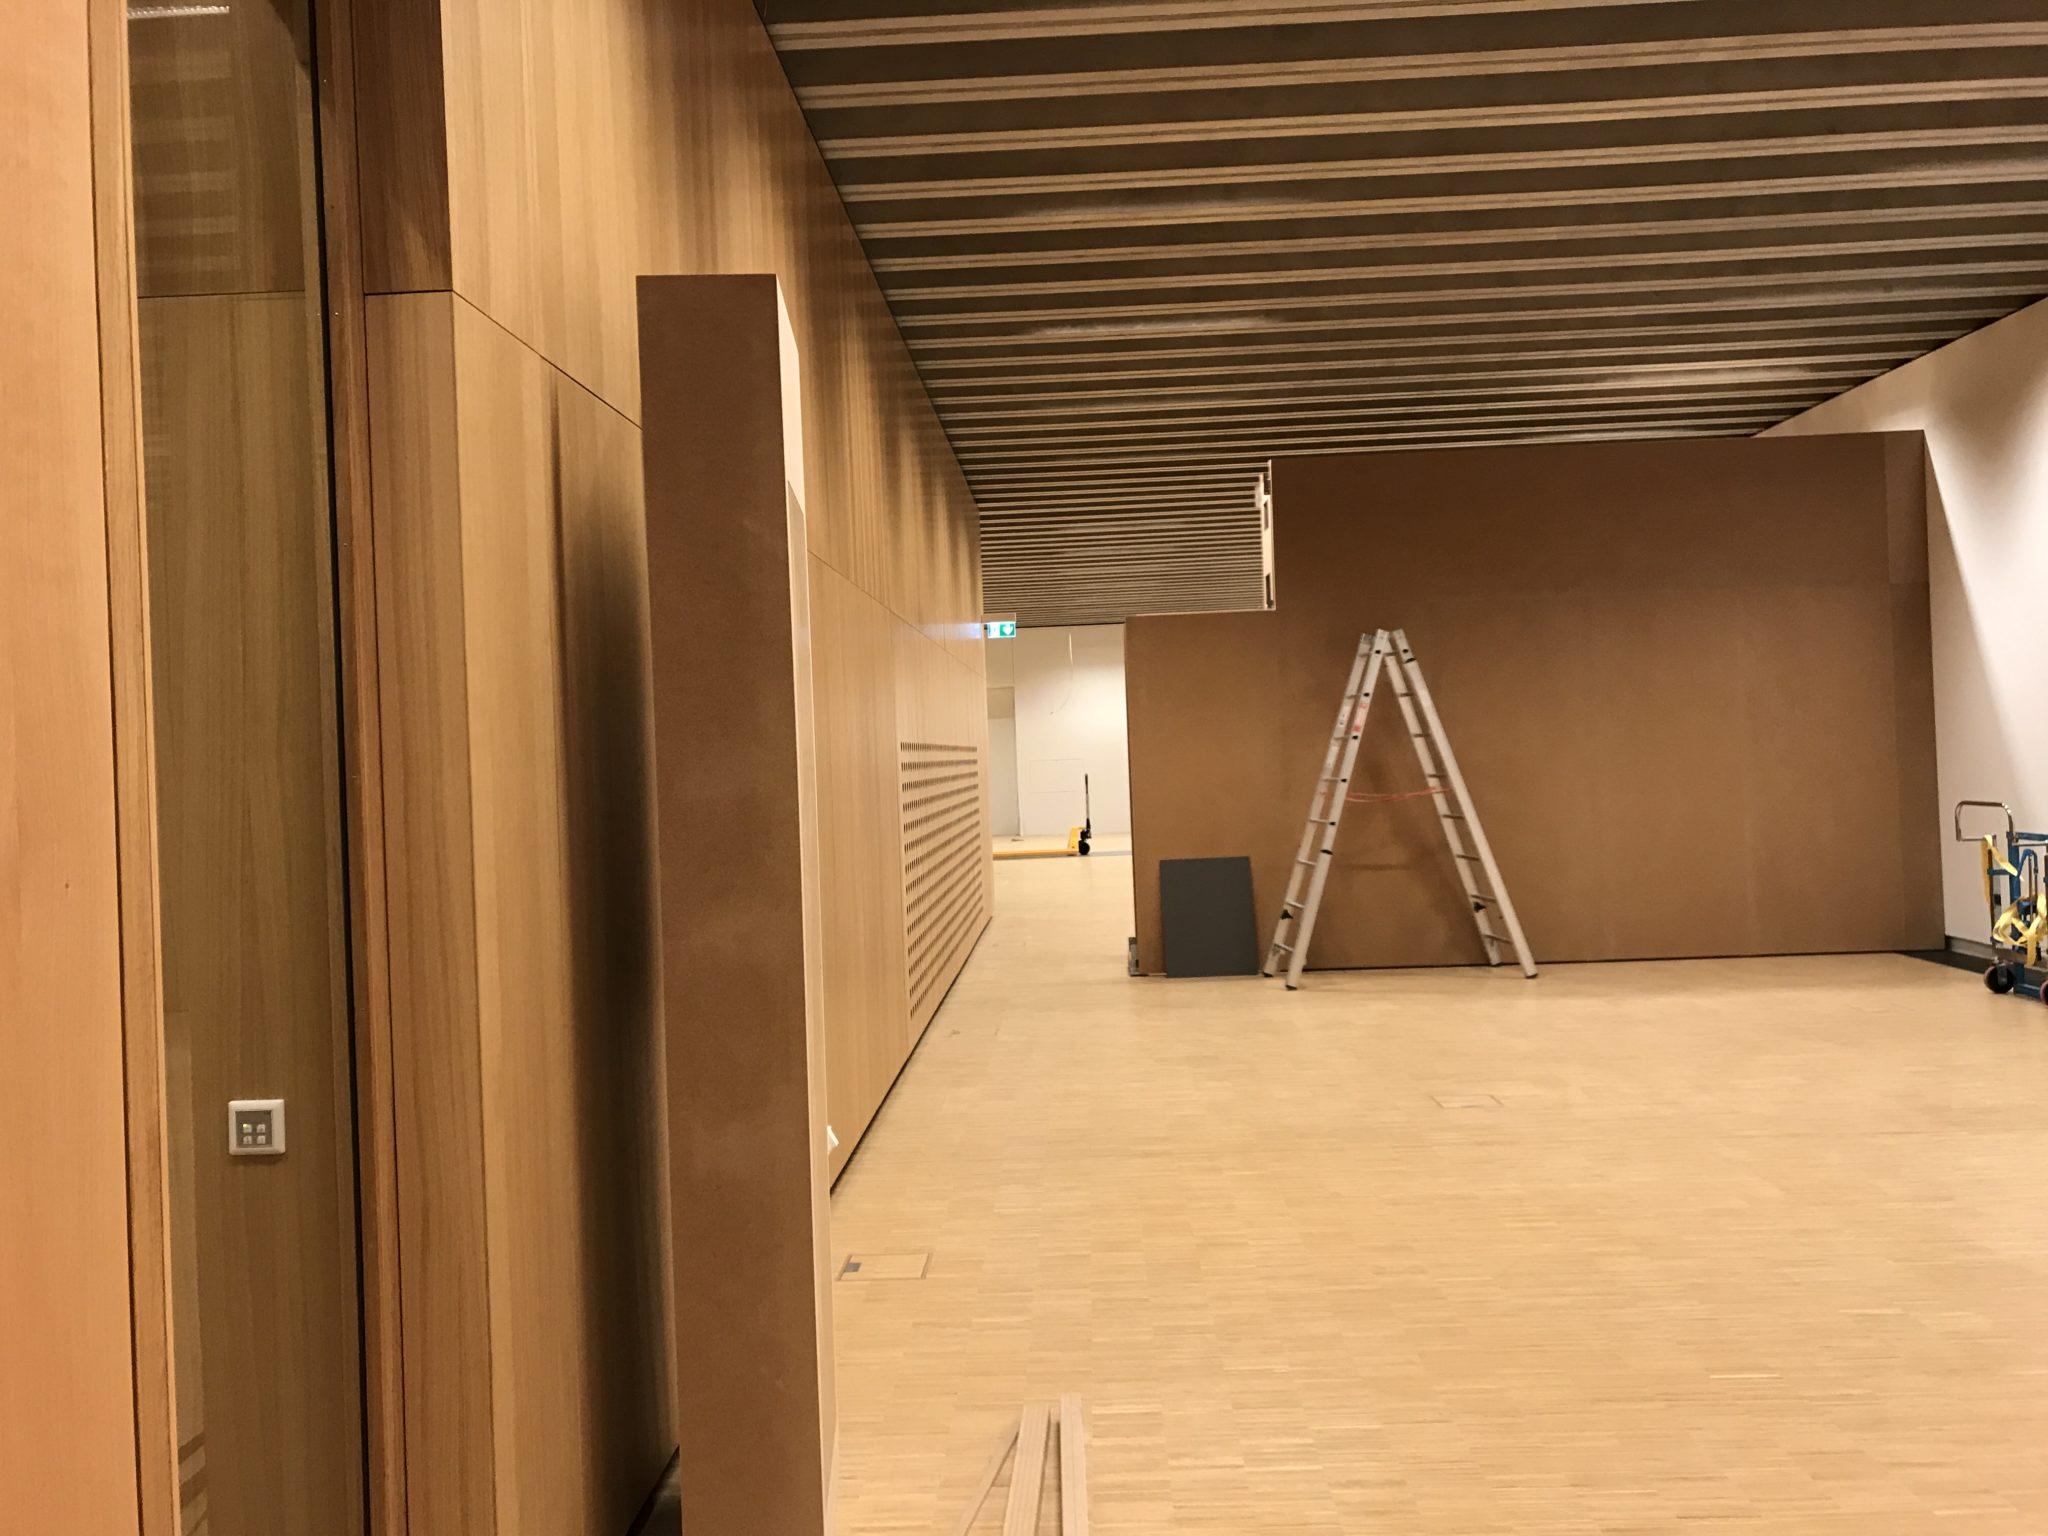 """Für """"The making of HMF"""" wird der Sonderausstellungsraum geteitl und nur der westliche Teil hinter der Stellwand bespielt."""